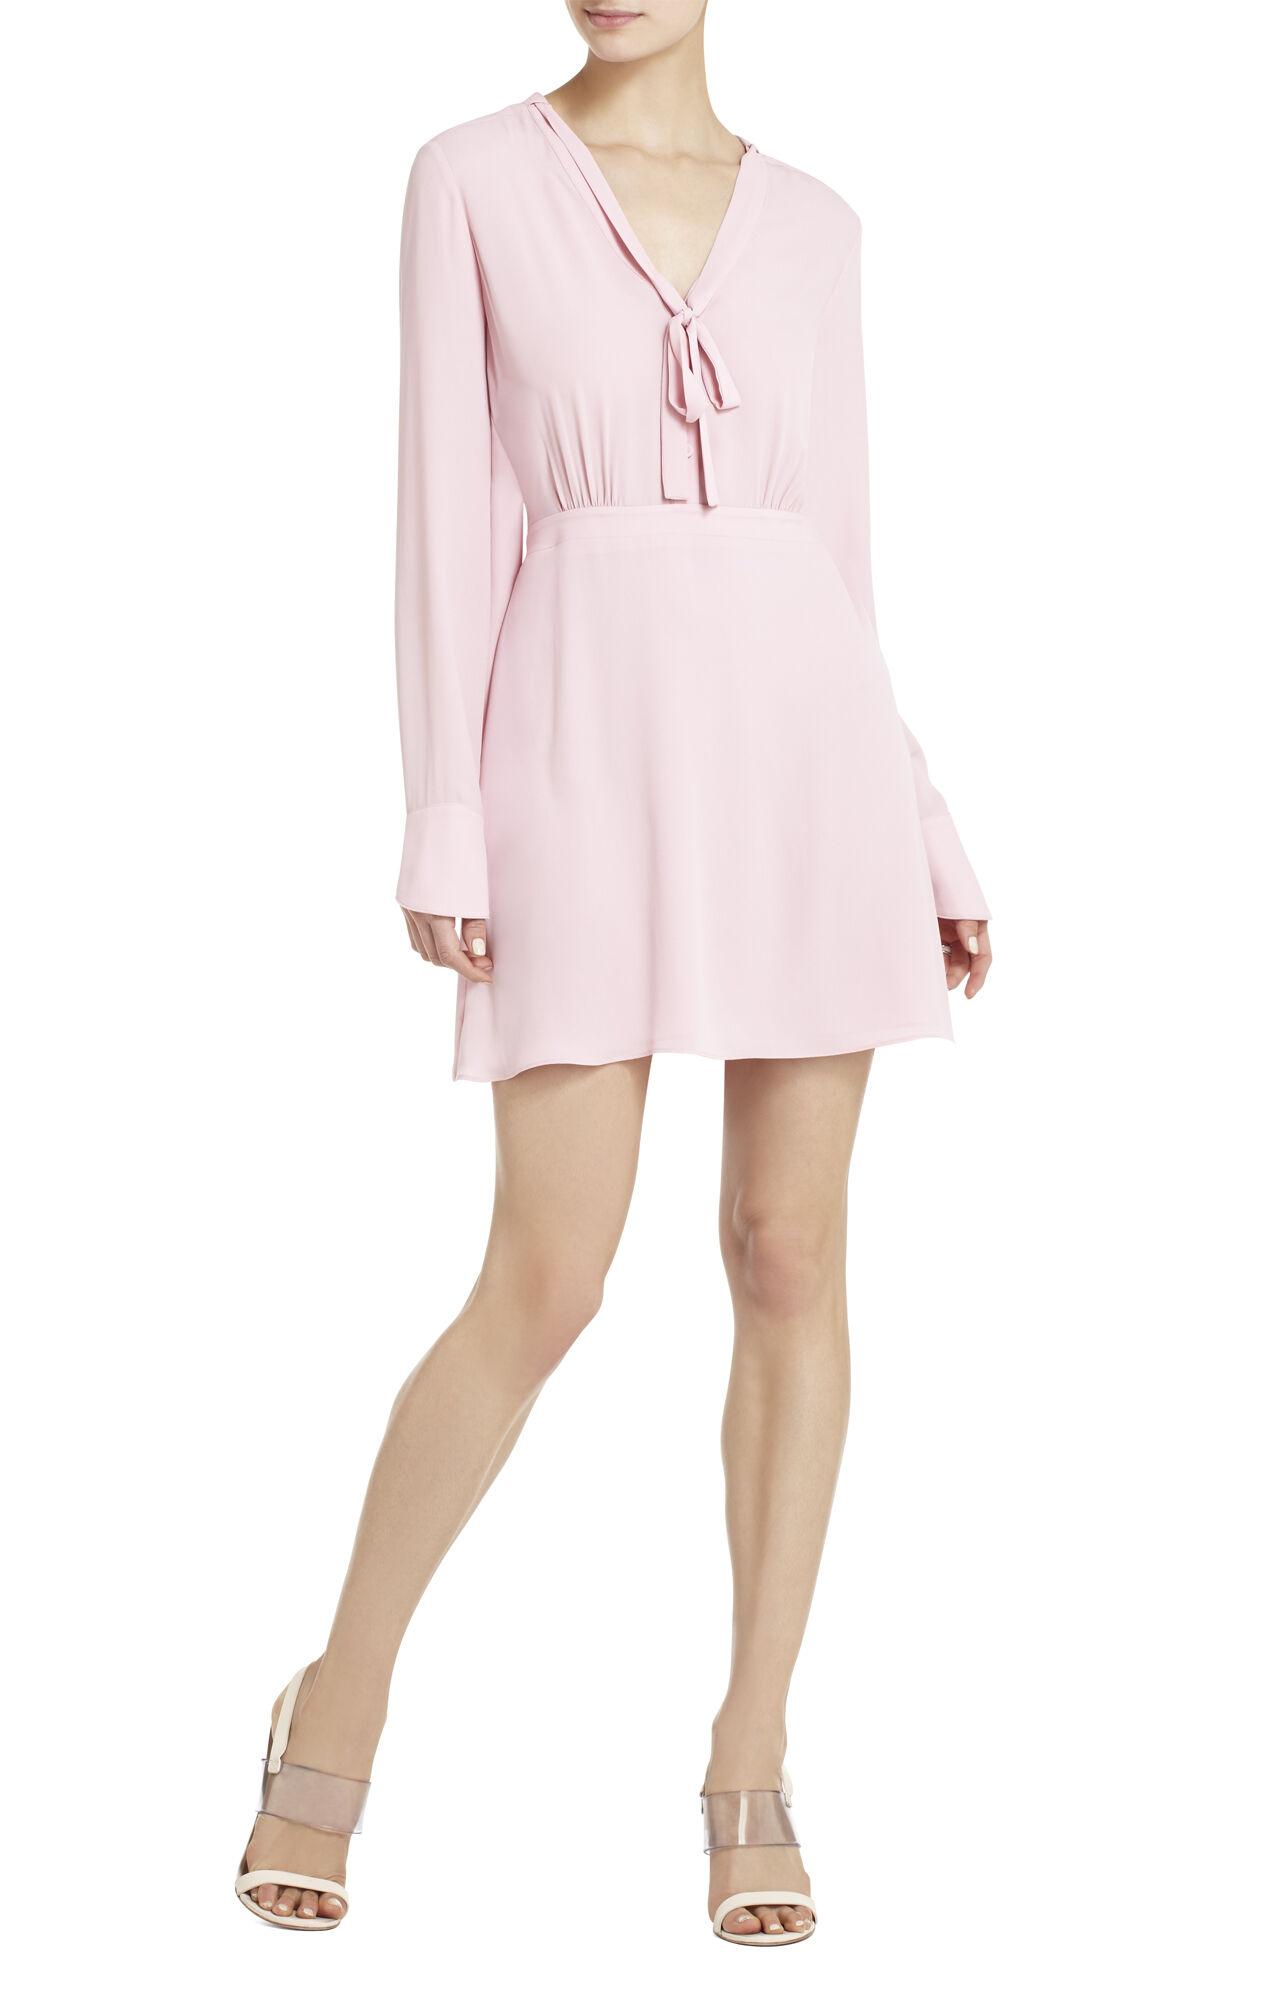 Lani Long-Sleeve Blouse Dress